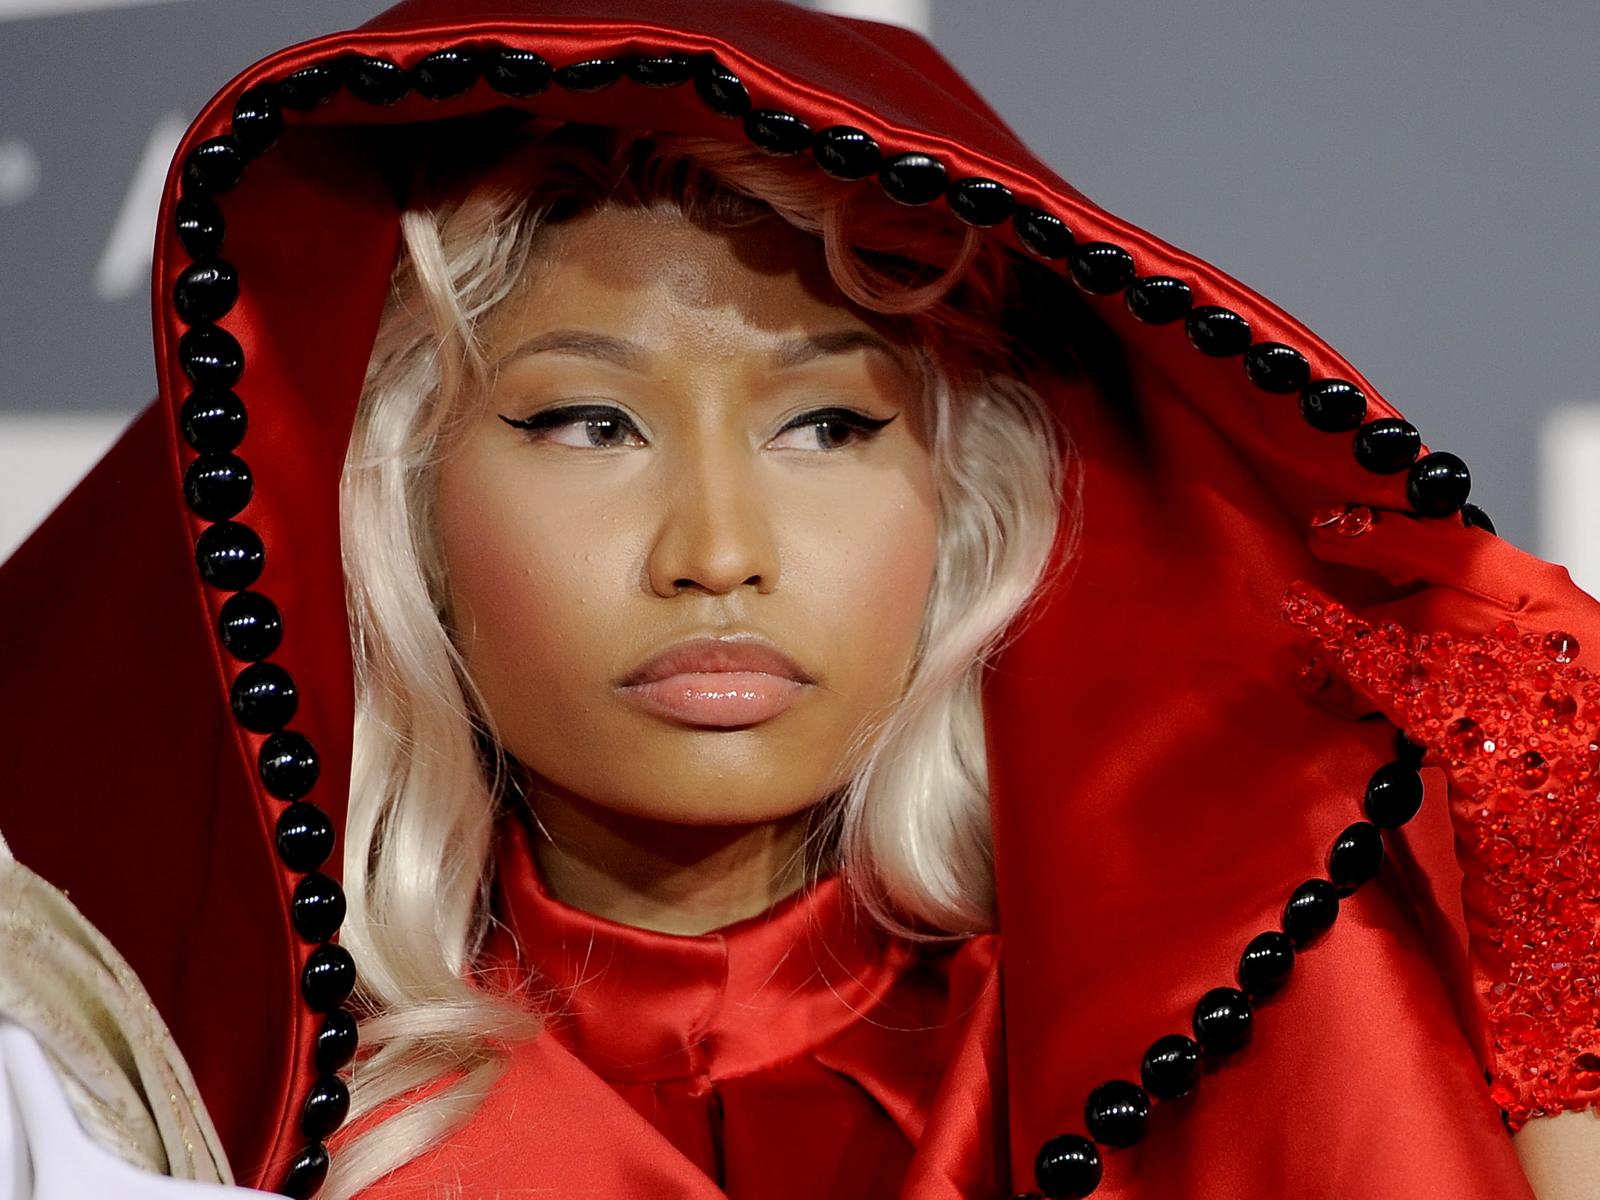 http://2.bp.blogspot.com/-mkNownhMhEo/T3nXUuKj7eI/AAAAAAAAAPY/_Y7tCKV7v90/s1600/Nicki-Minaj19.jpg